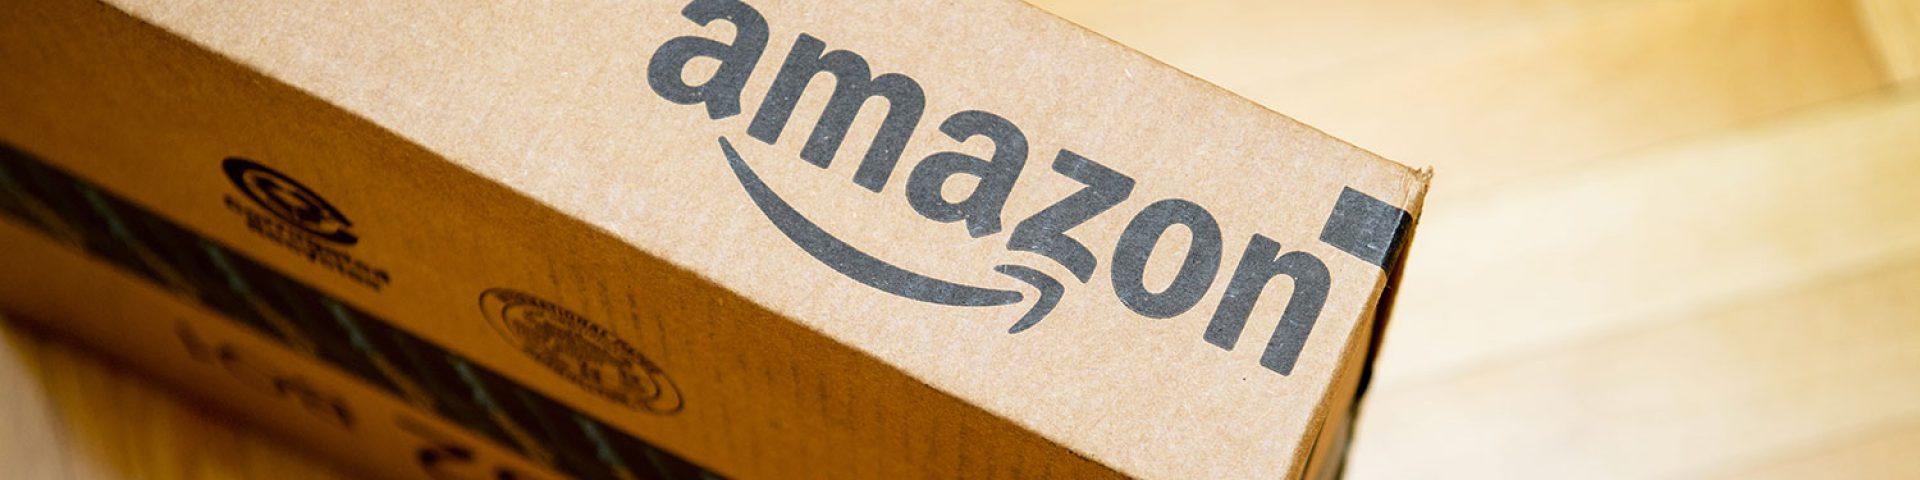 Vender y exportar en Amazon